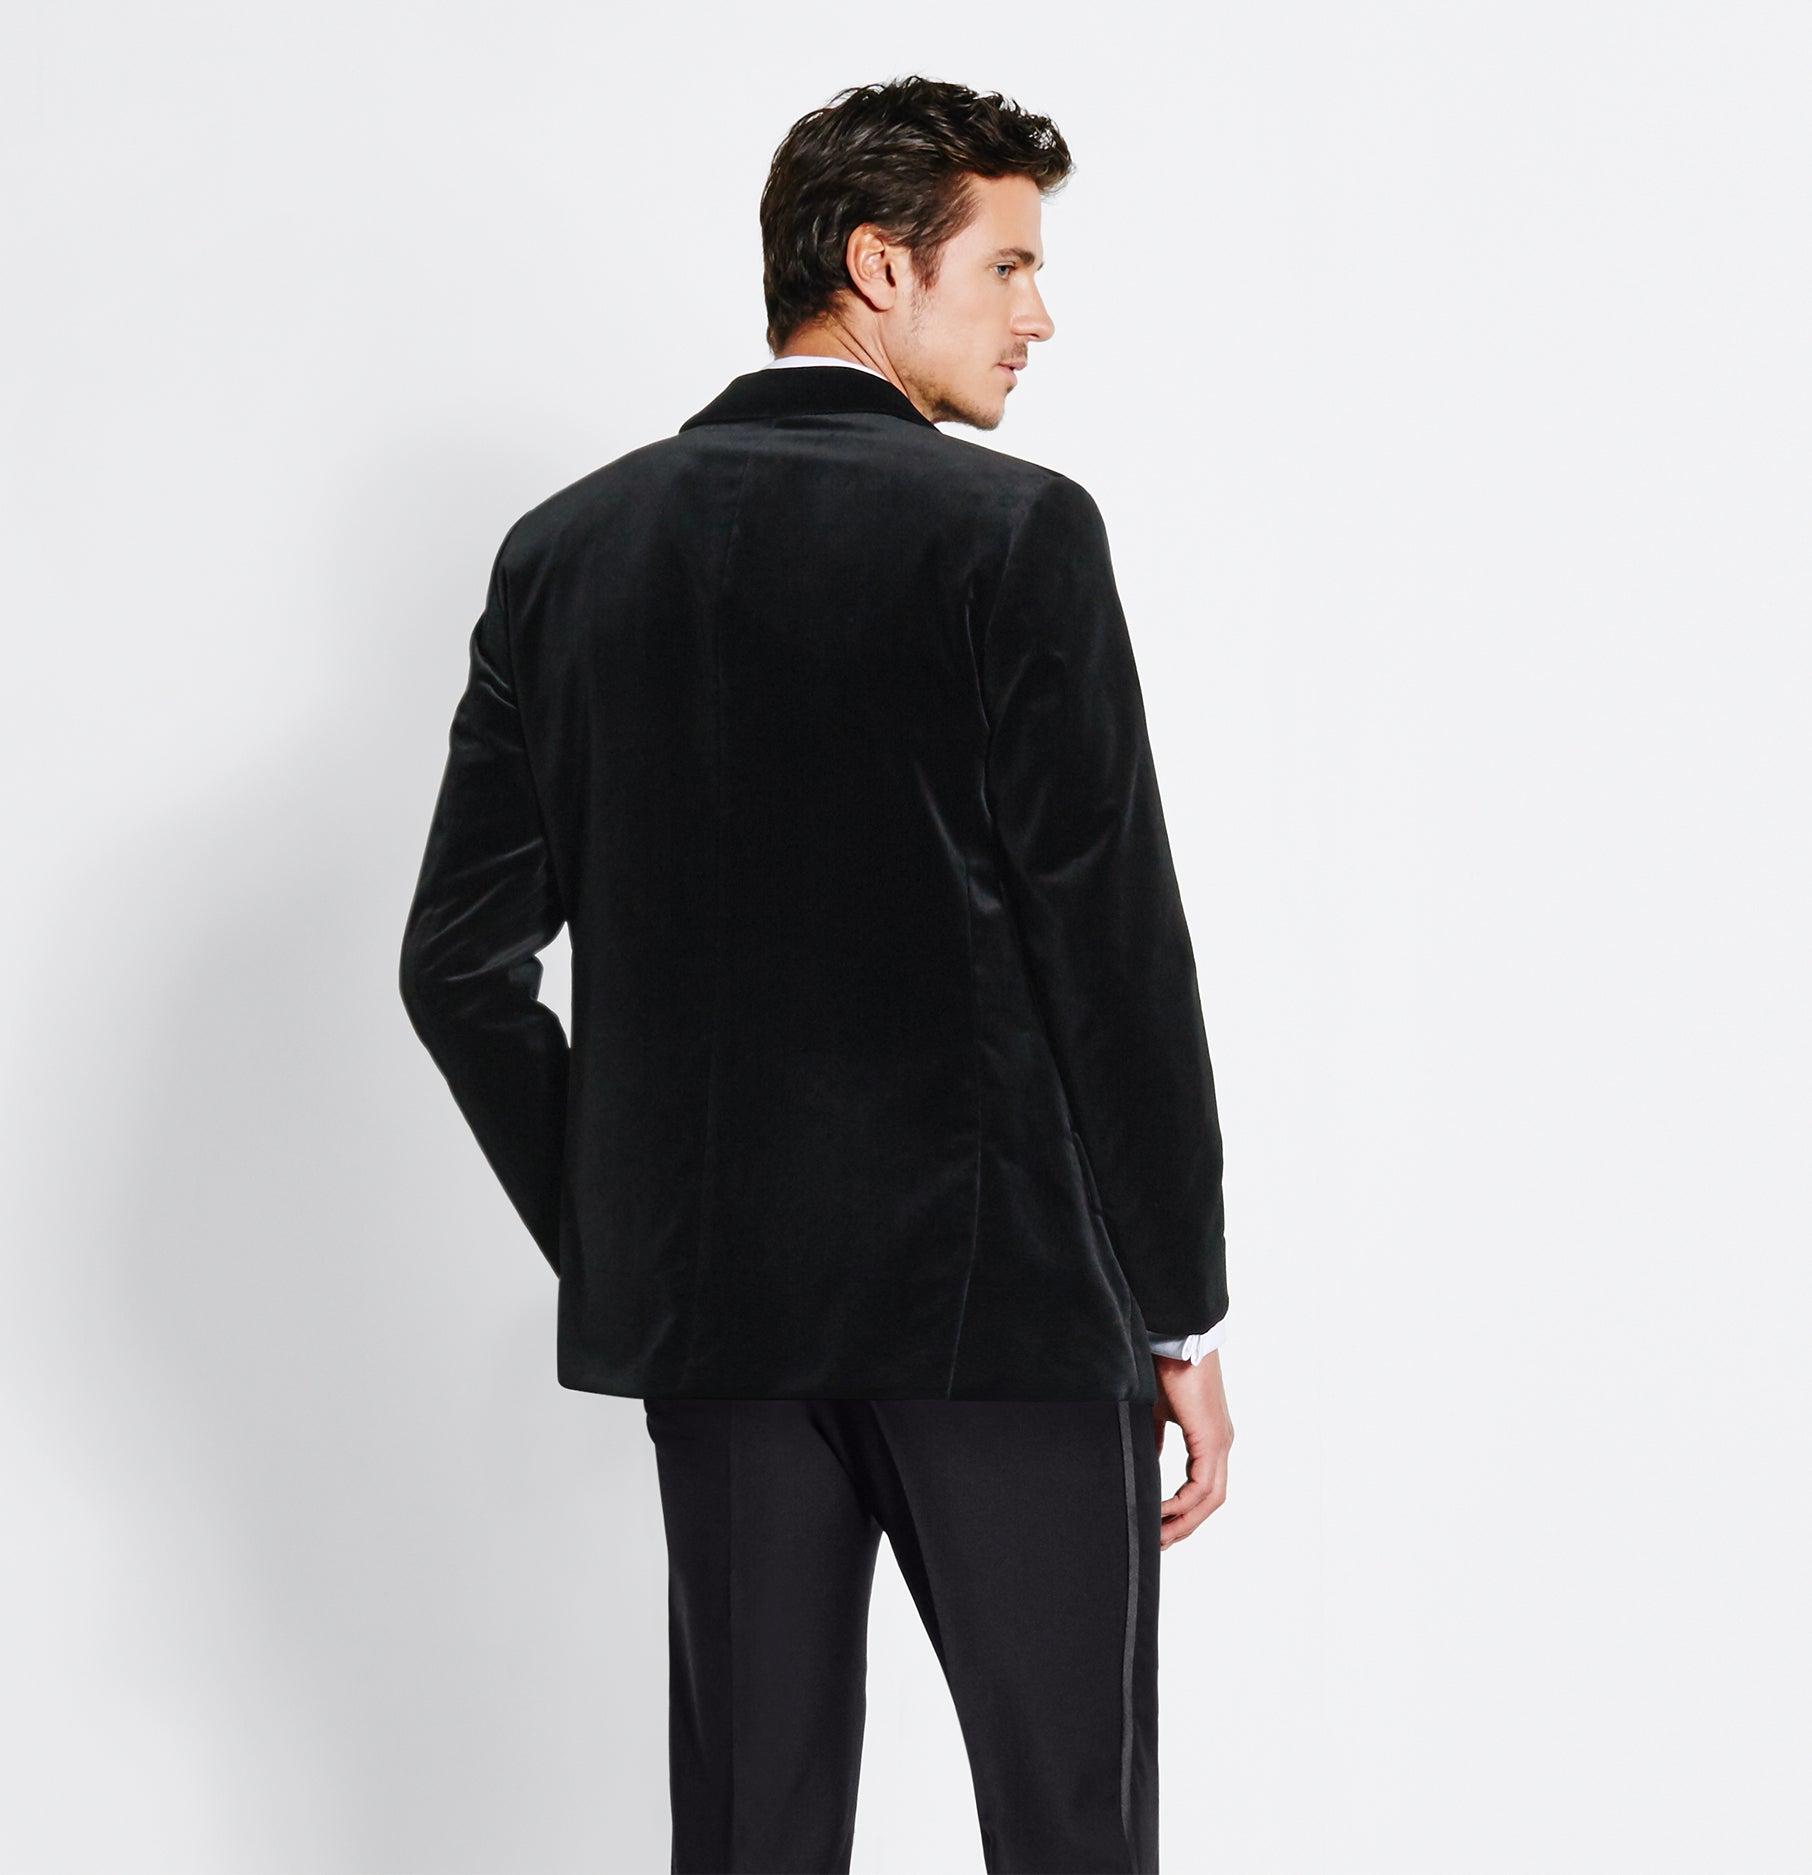 Velvet Jacket Tuxedo | The Black Tux